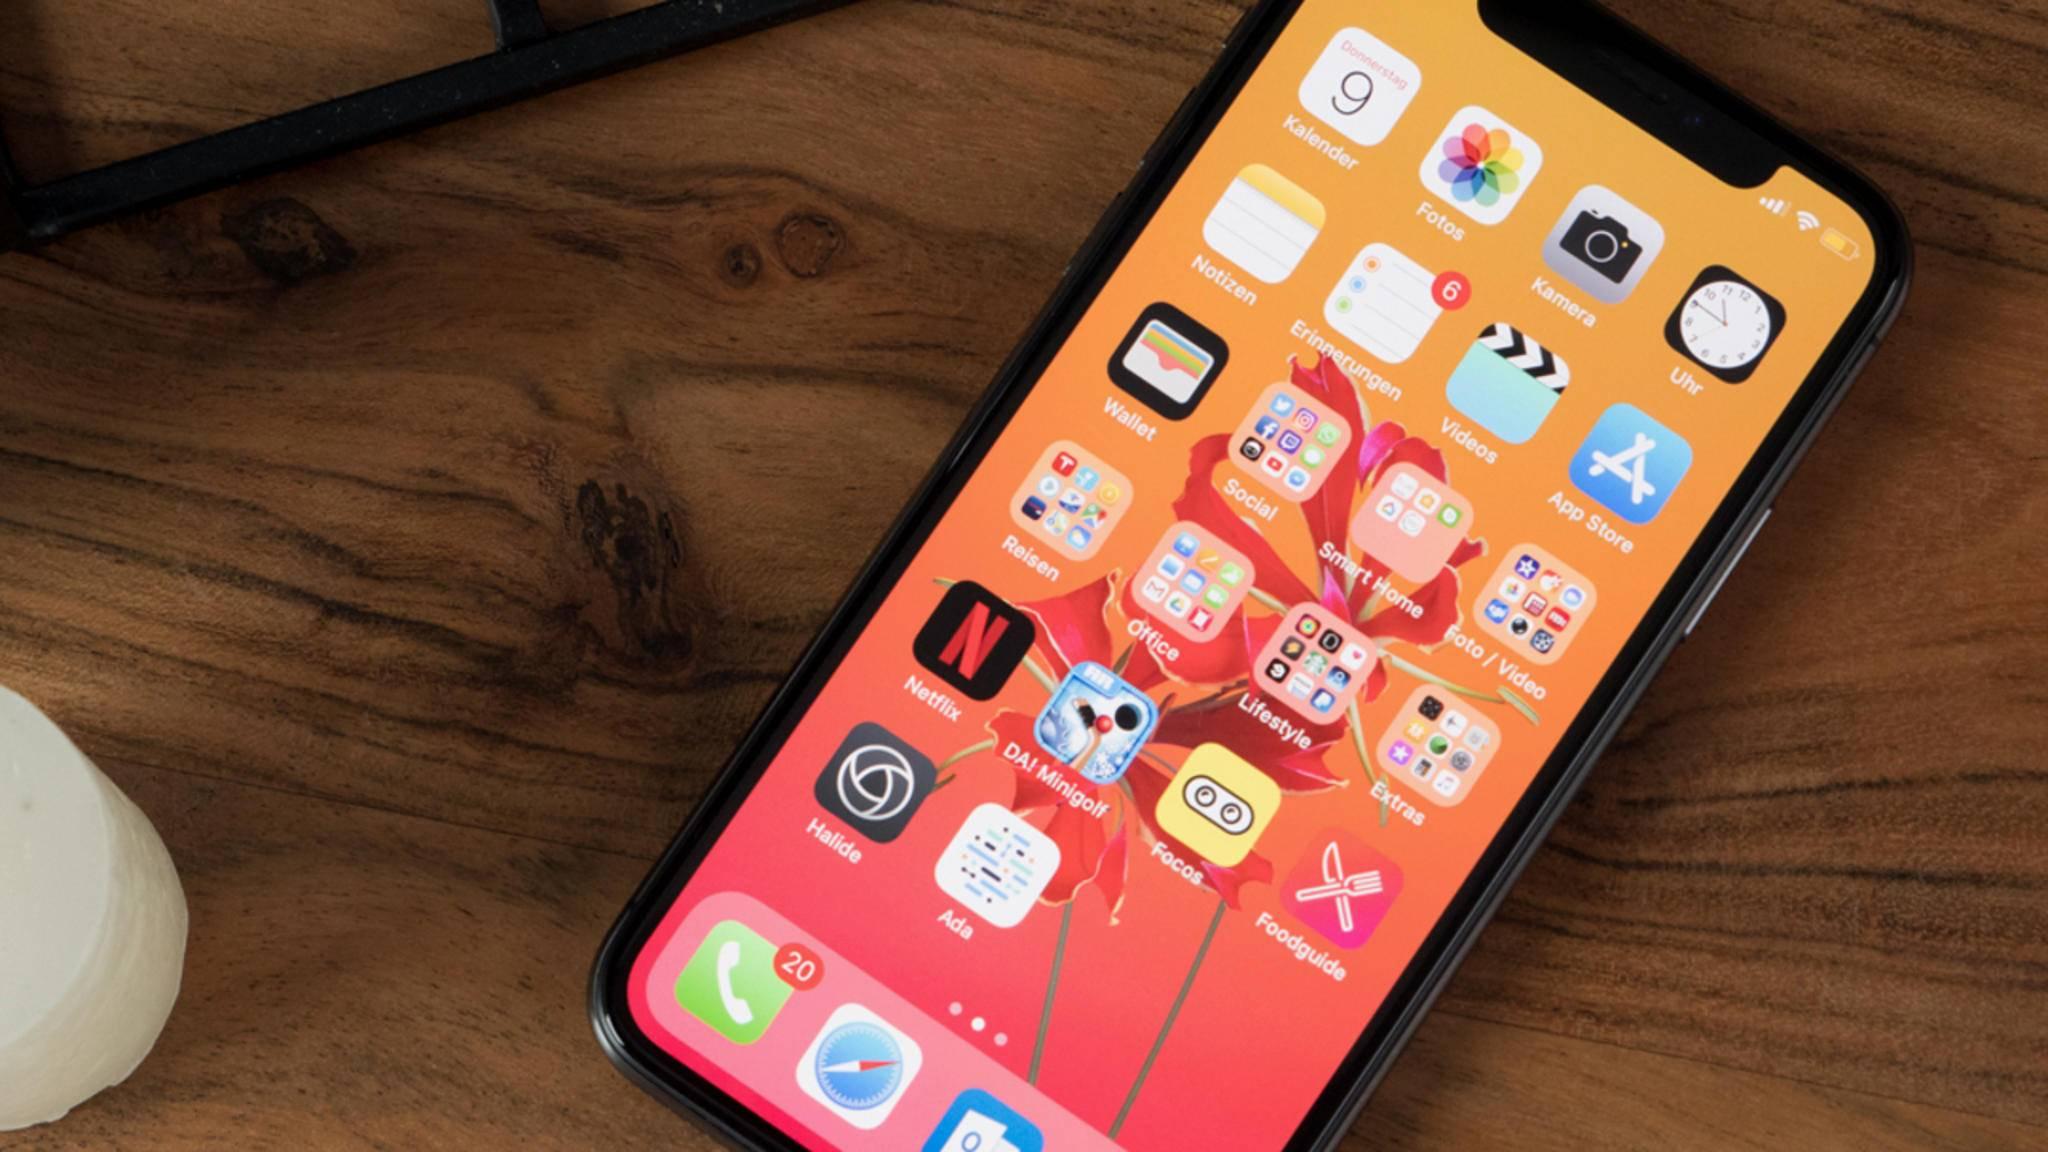 Apples neuestes Smartphones, das iPhone X, ist gemäß IP67 gegen Wasser geschützt.